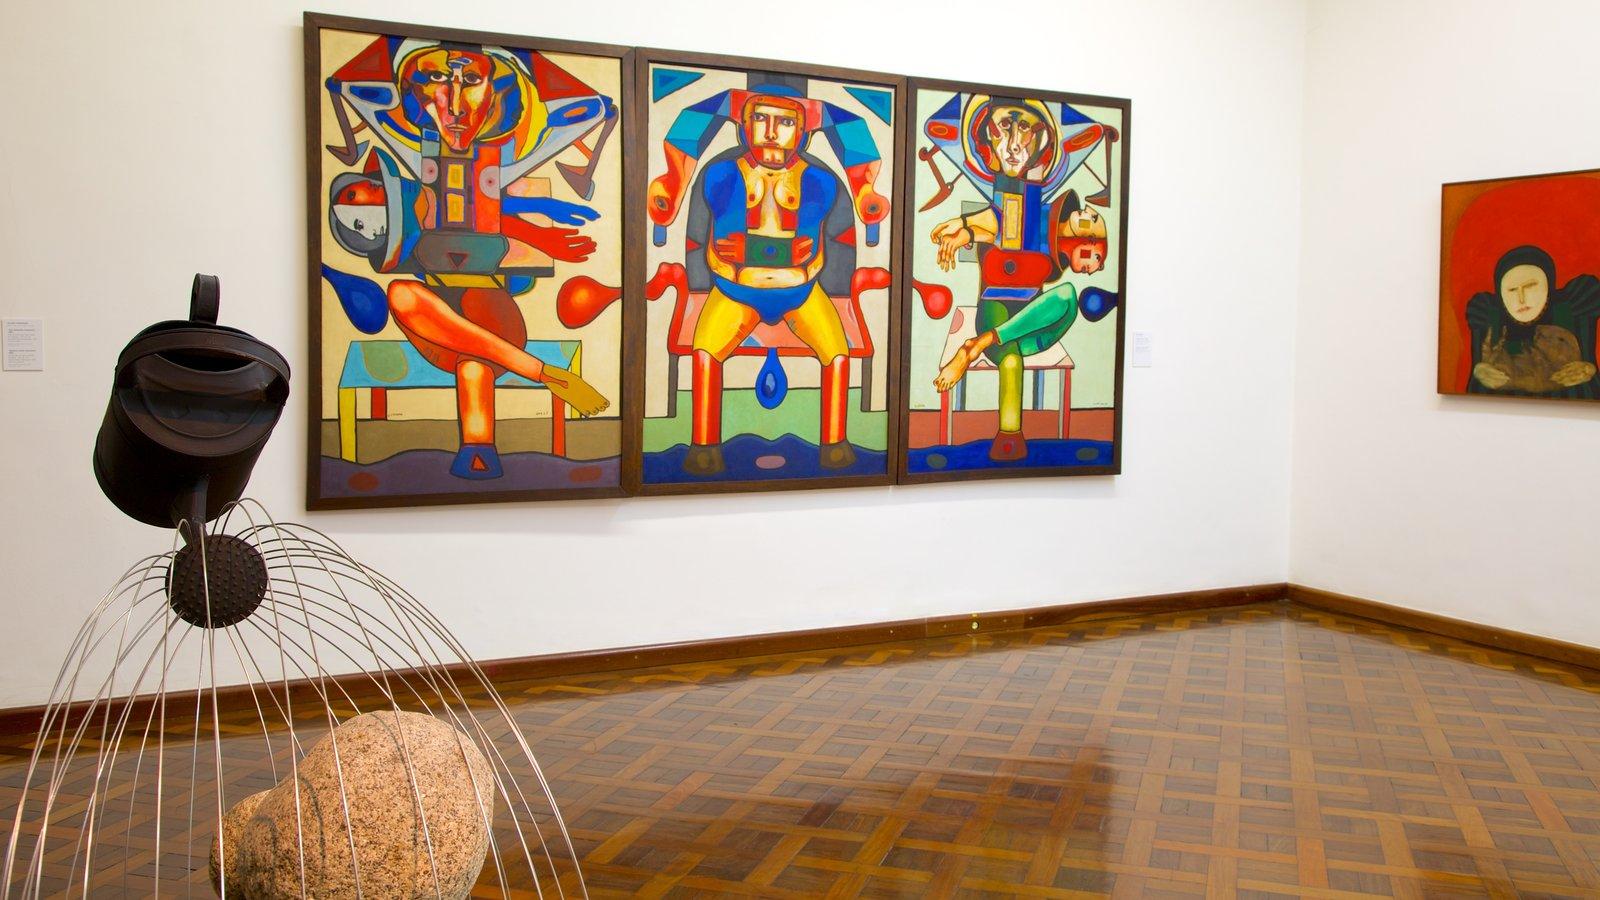 Museu Nacional de Belas Artes que inclui arte e vistas internas